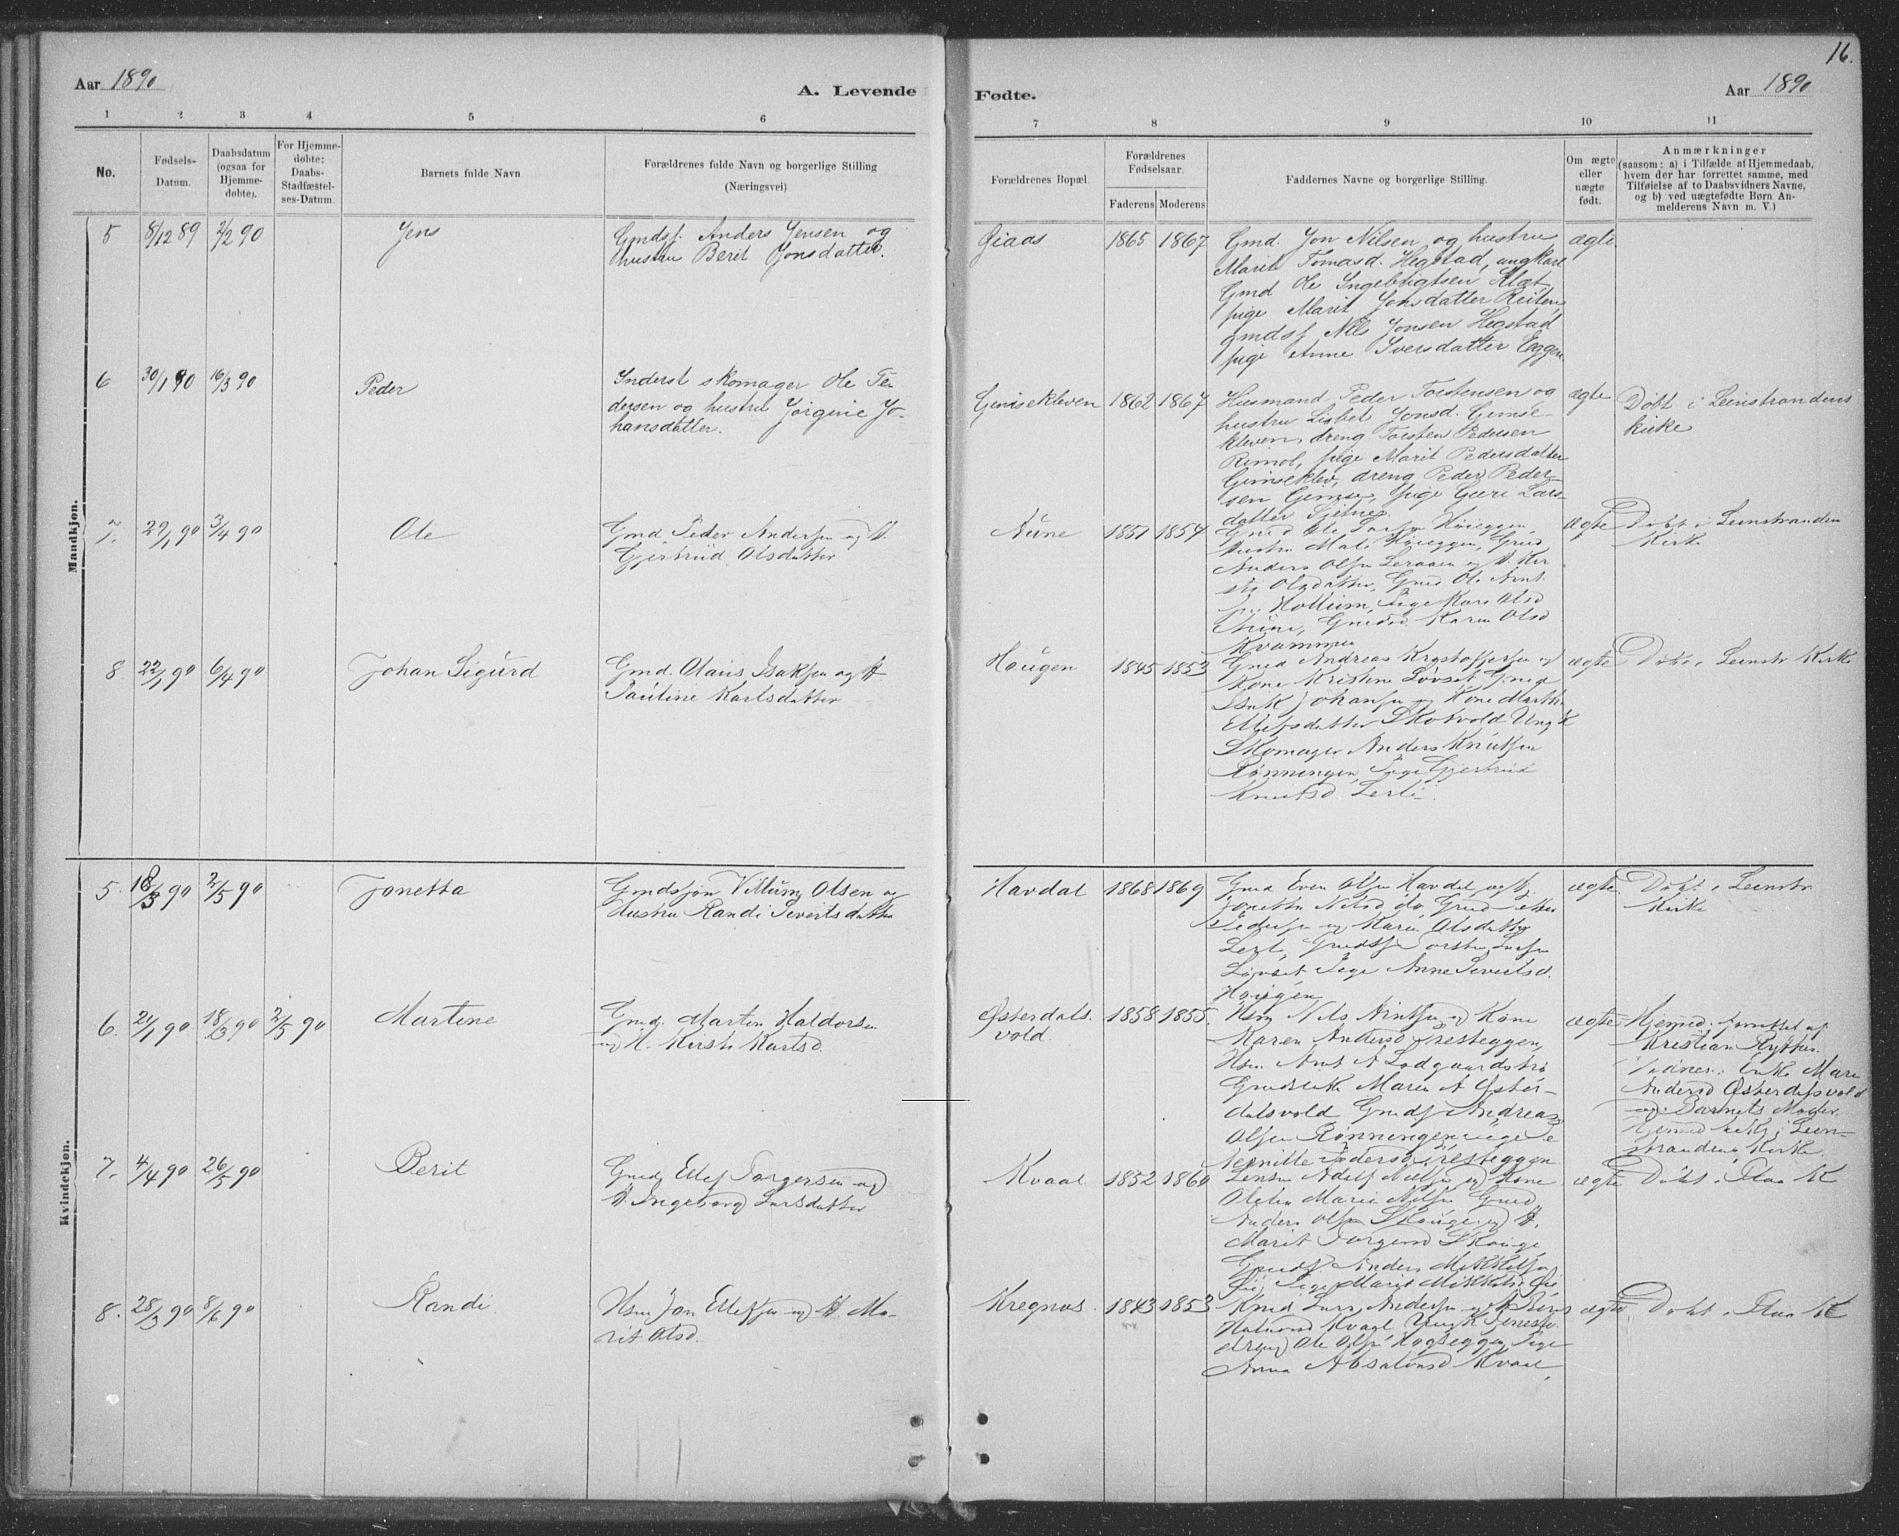 SAT, Ministerialprotokoller, klokkerbøker og fødselsregistre - Sør-Trøndelag, 691/L1085: Ministerialbok nr. 691A17, 1887-1908, s. 16